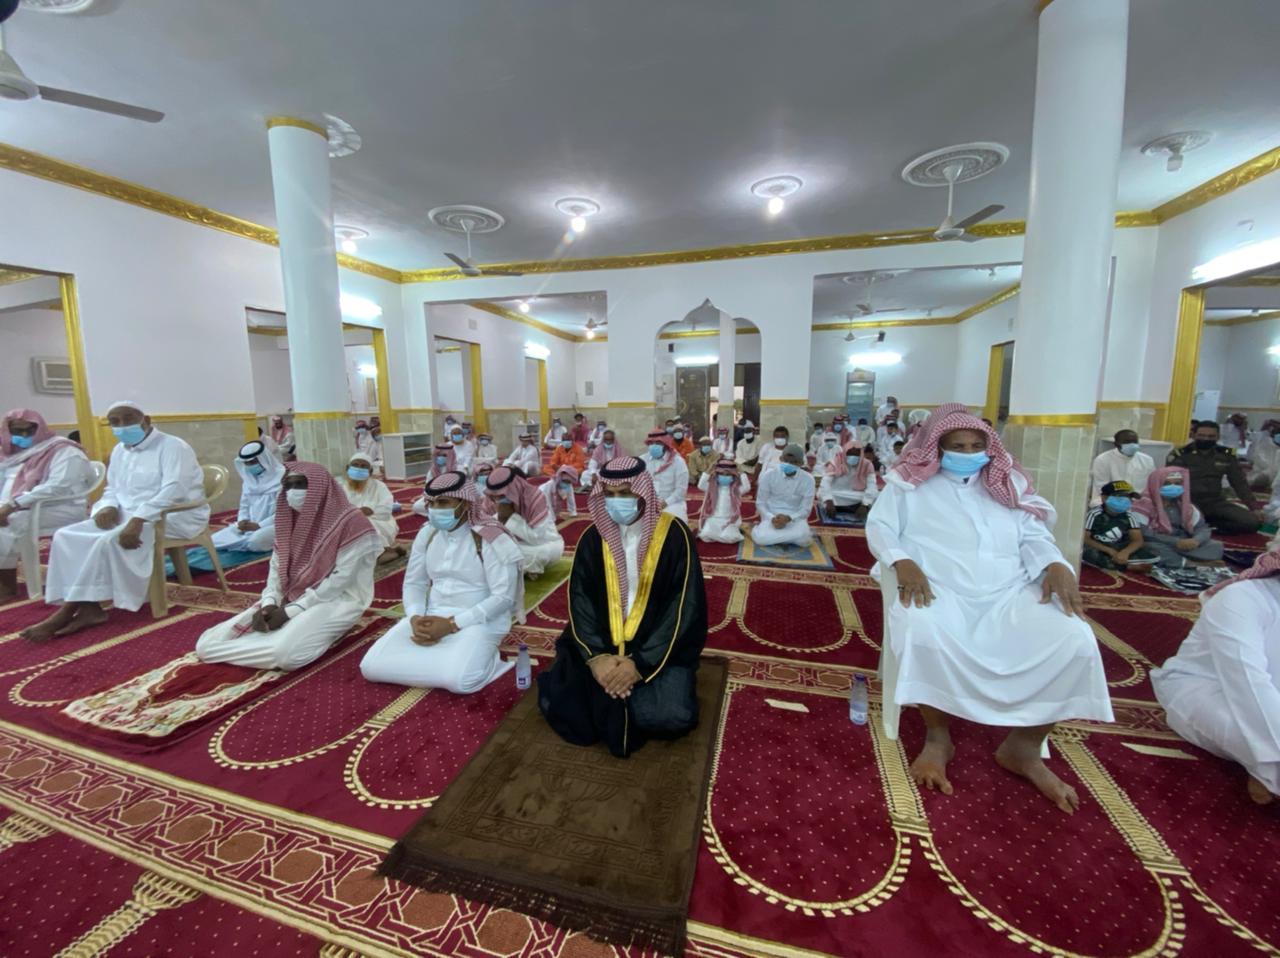 وكيل محافظة الحرث ورئيس مركز الخشل يتقدمان المصلين في عيد الاضحى